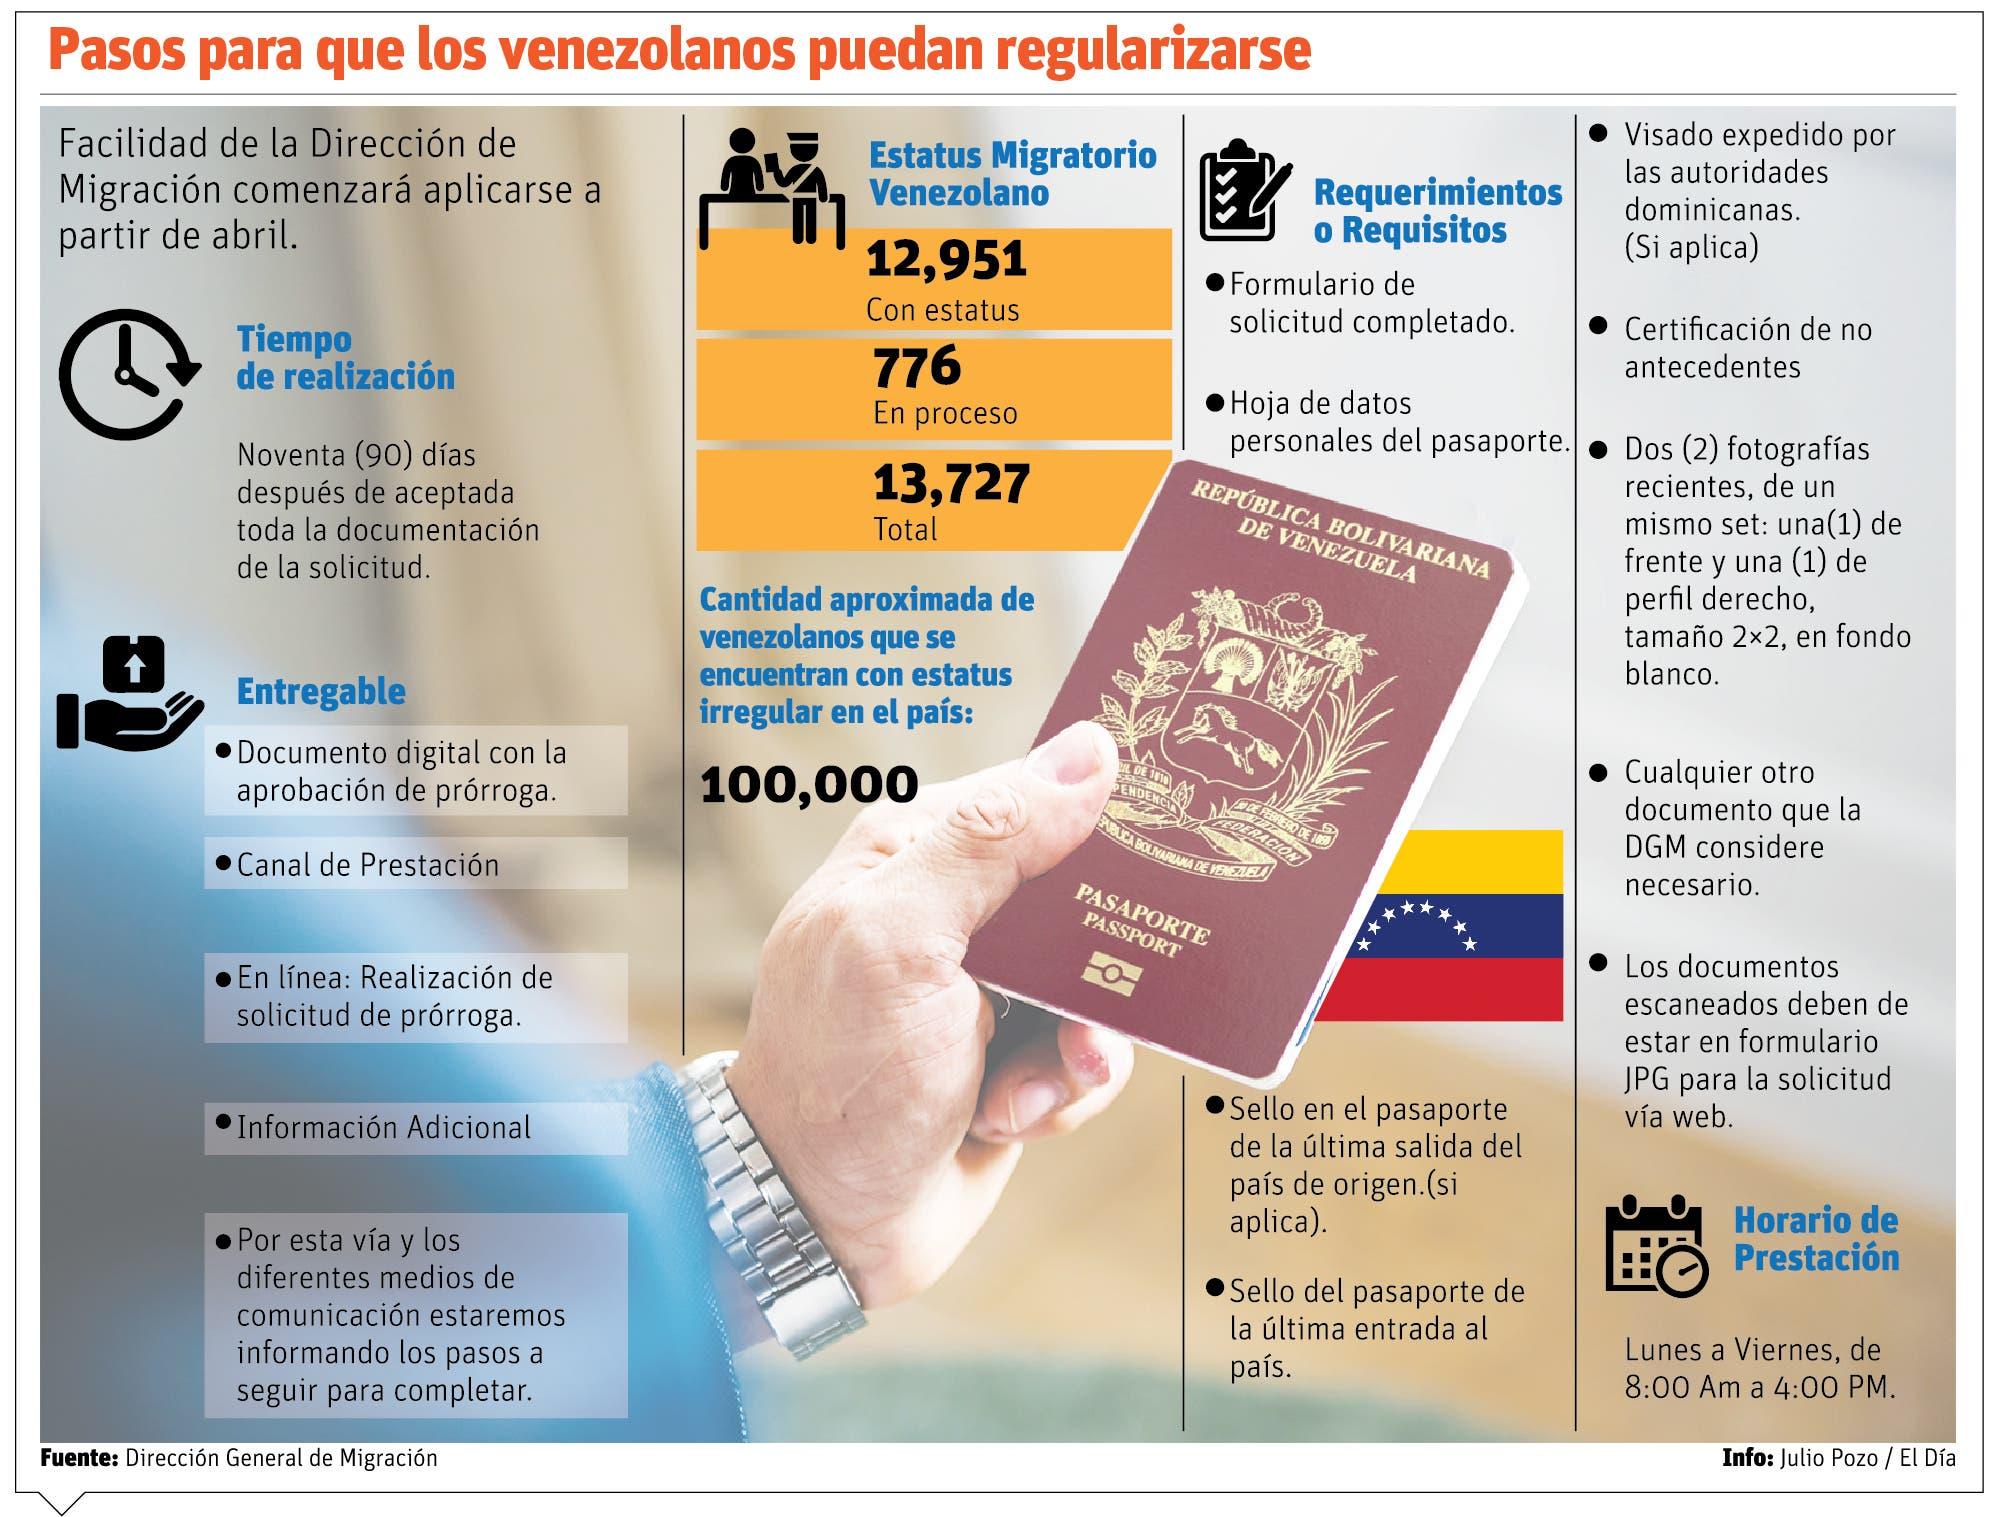 Los venezolanos ven positiva facilidad de regulación migratoria